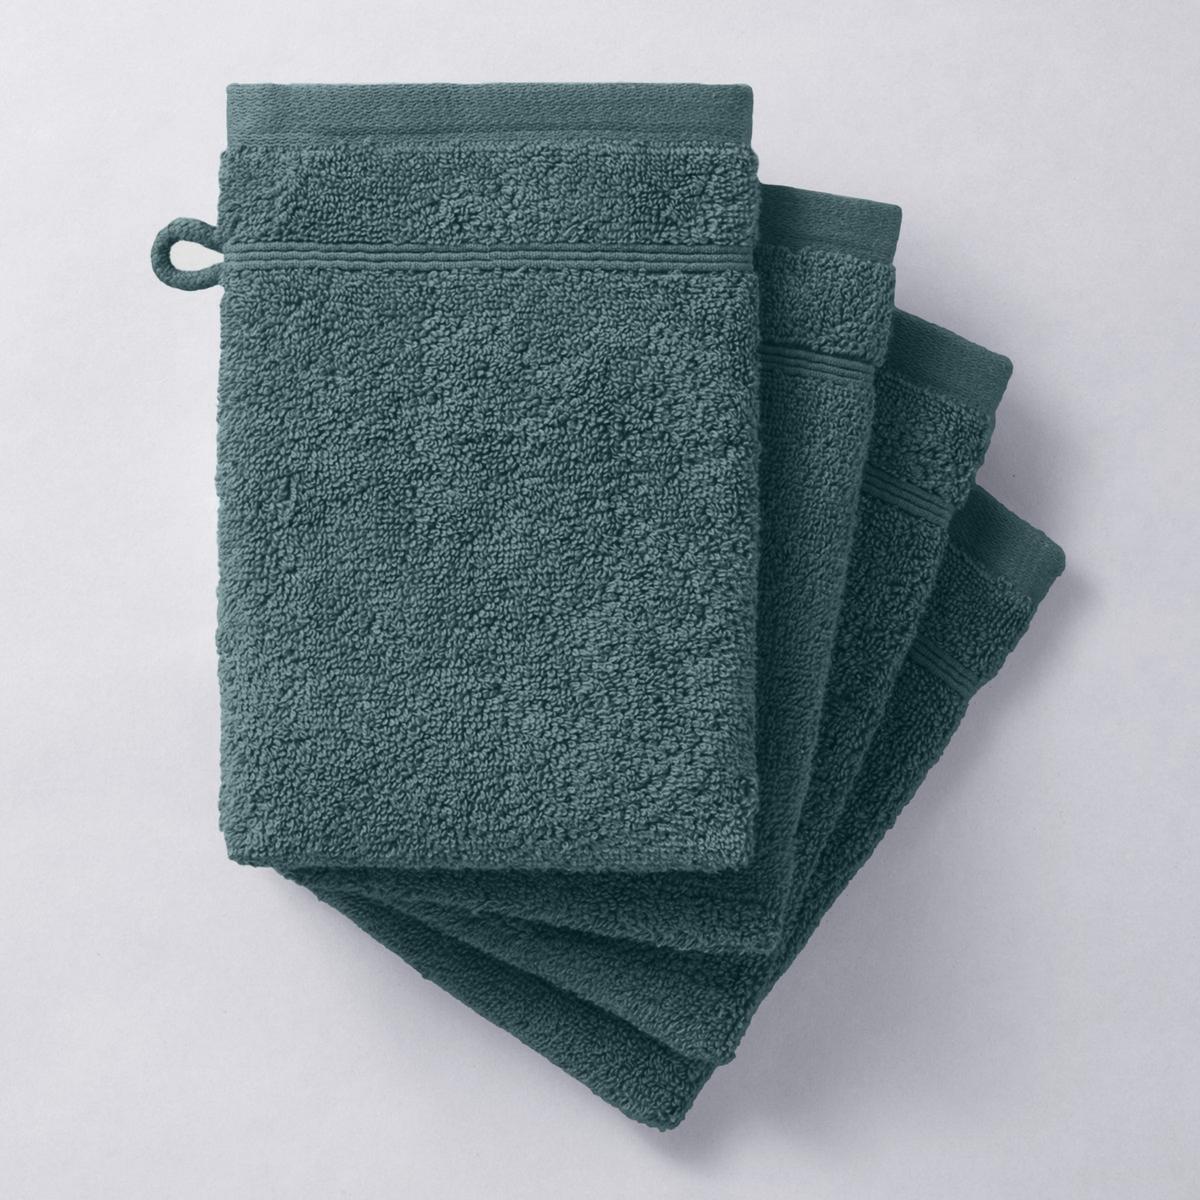 Luvas de banho 600 g/m² (lote de 4), Qualidade Best